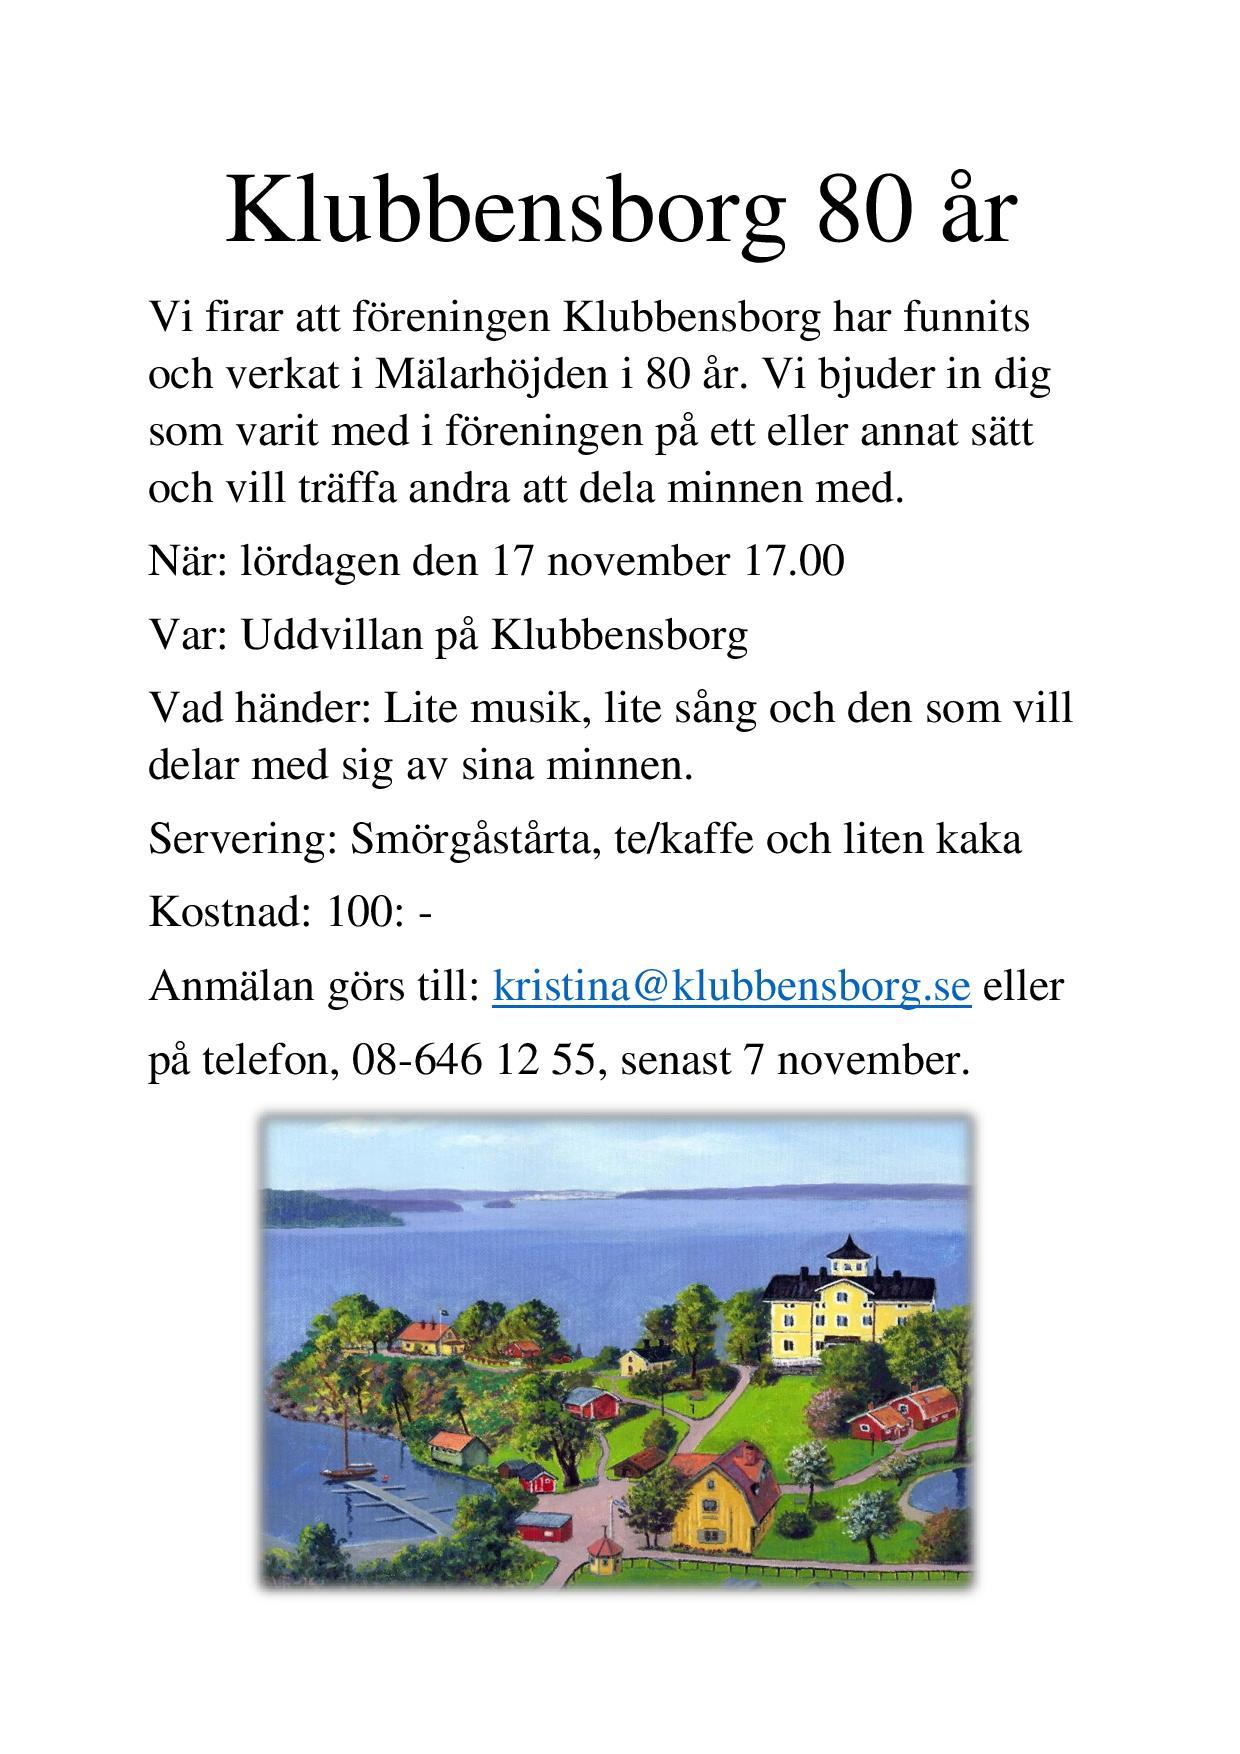 Flyer Klubbensborg 80 år